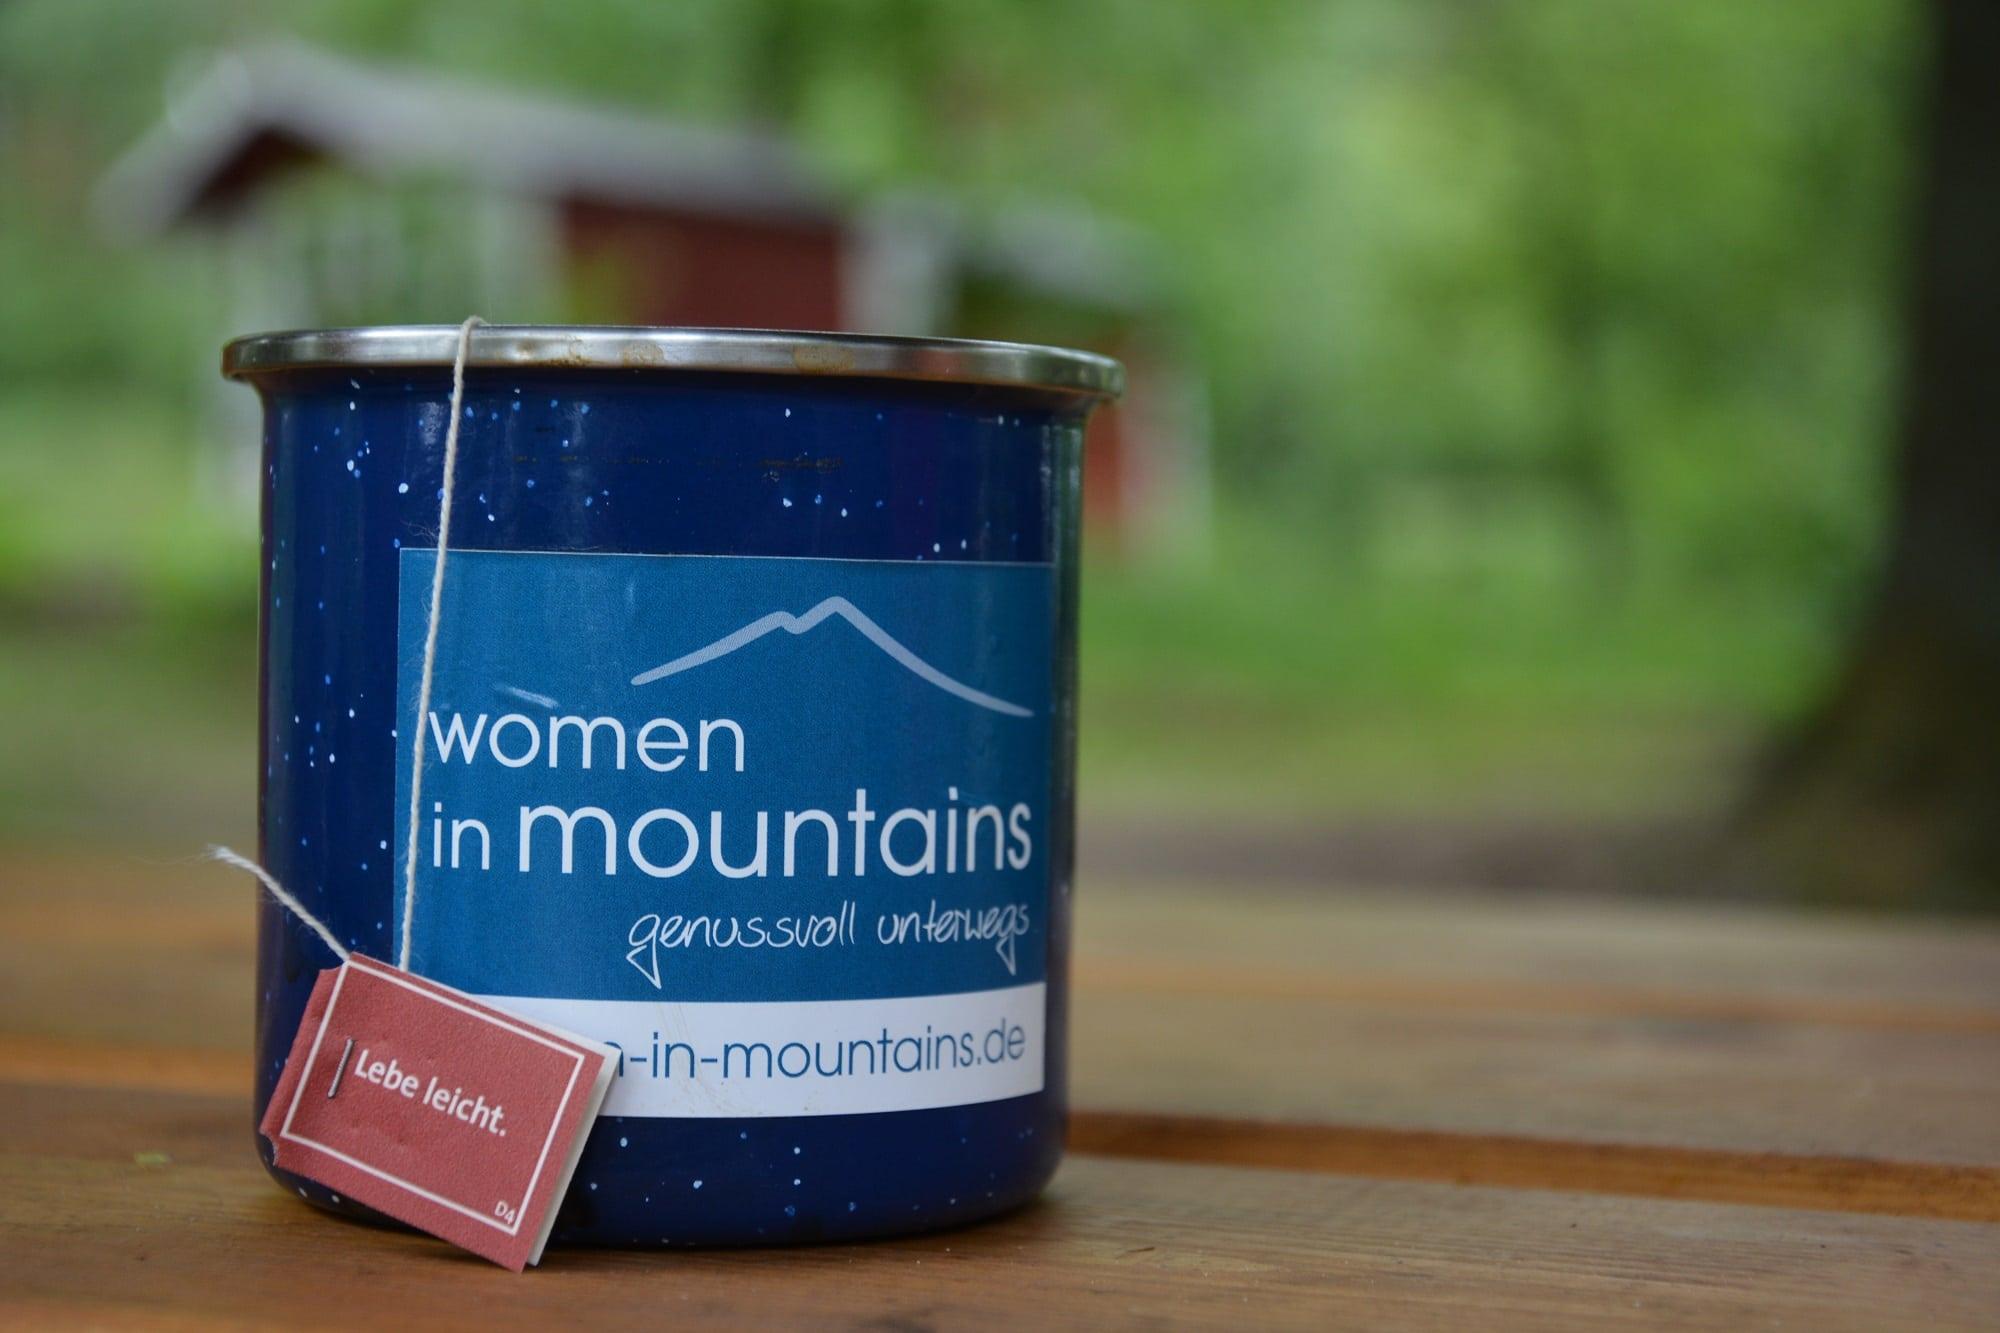 lebe leicht 10 jahre women in mountains